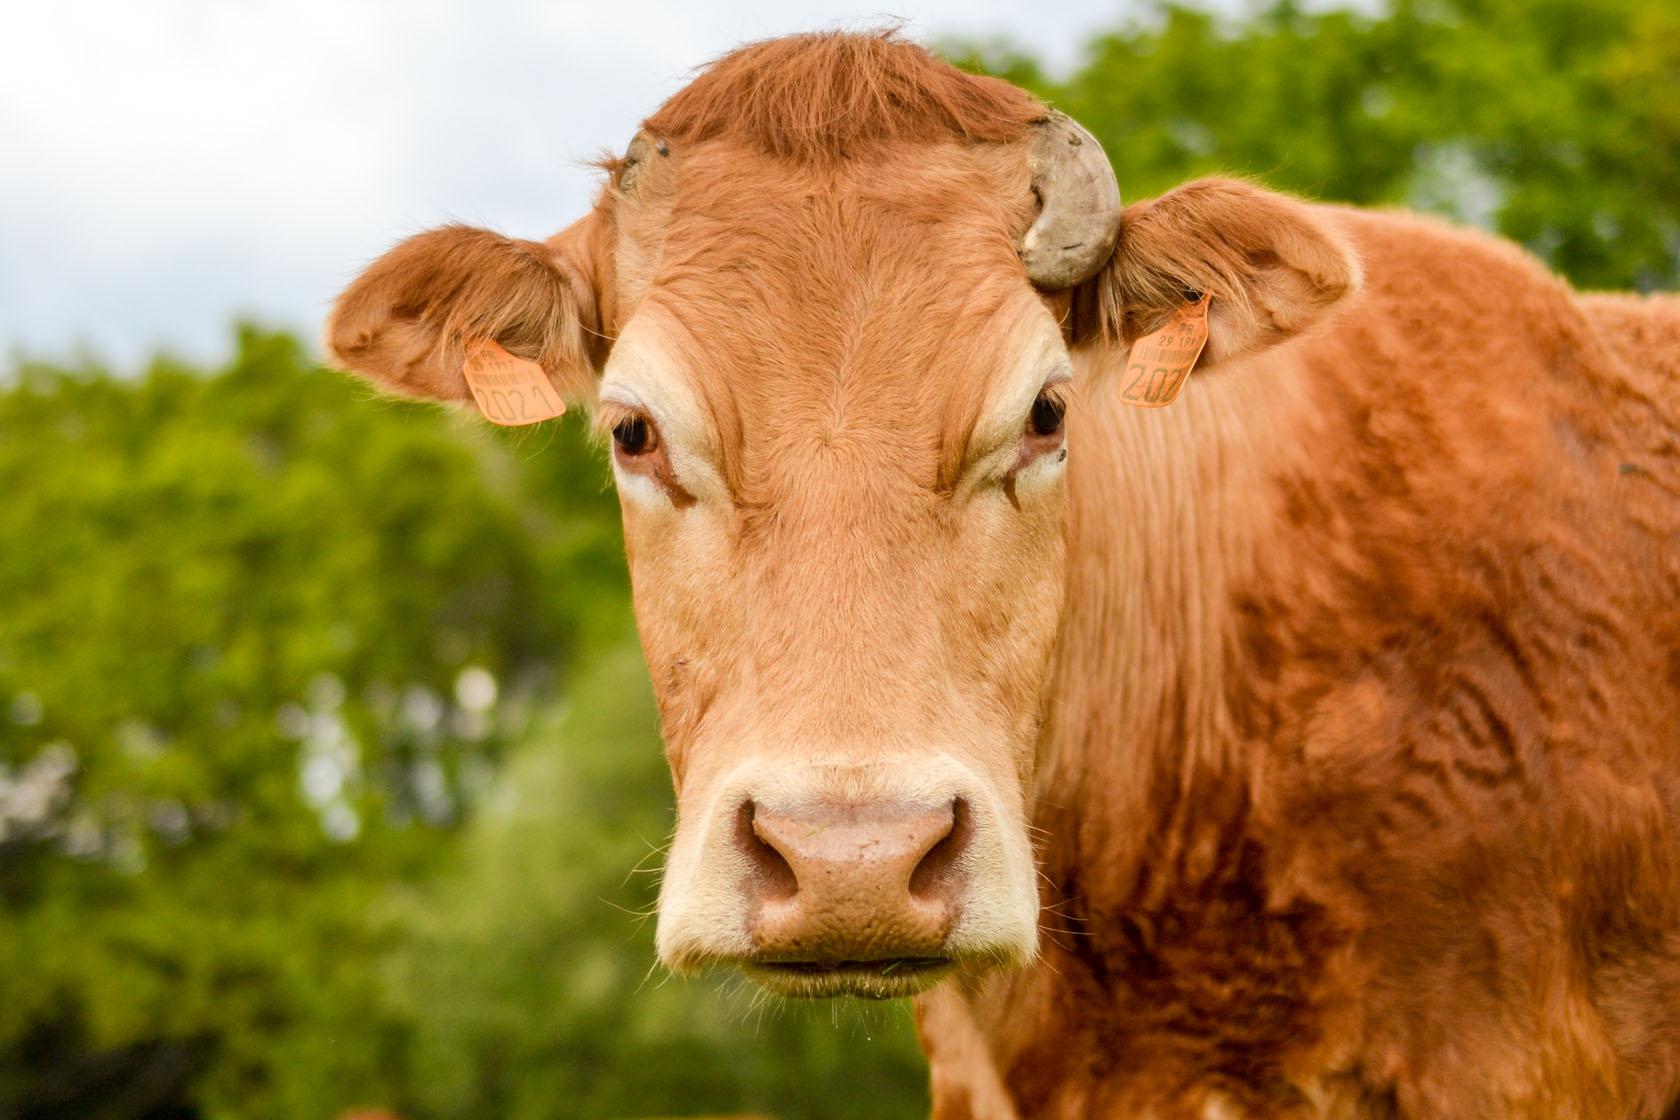 Élevage de vaches Limousines - Plogonnec, Finistère